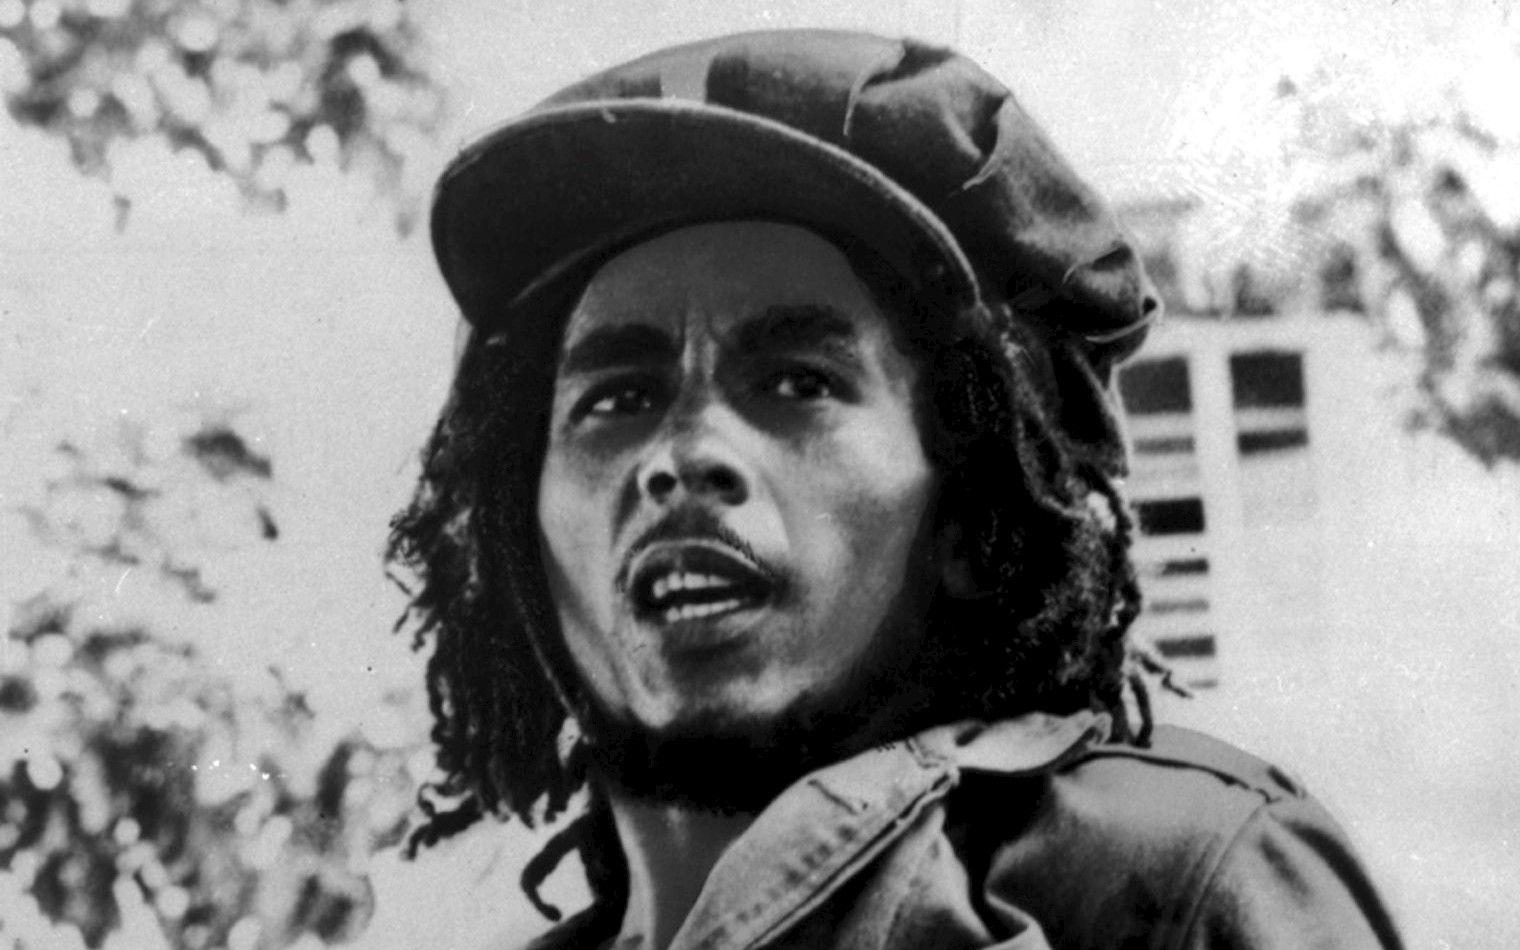 <b>Wallpaper Bob Marley Hd</b> - <b>wallpaper hd</b>